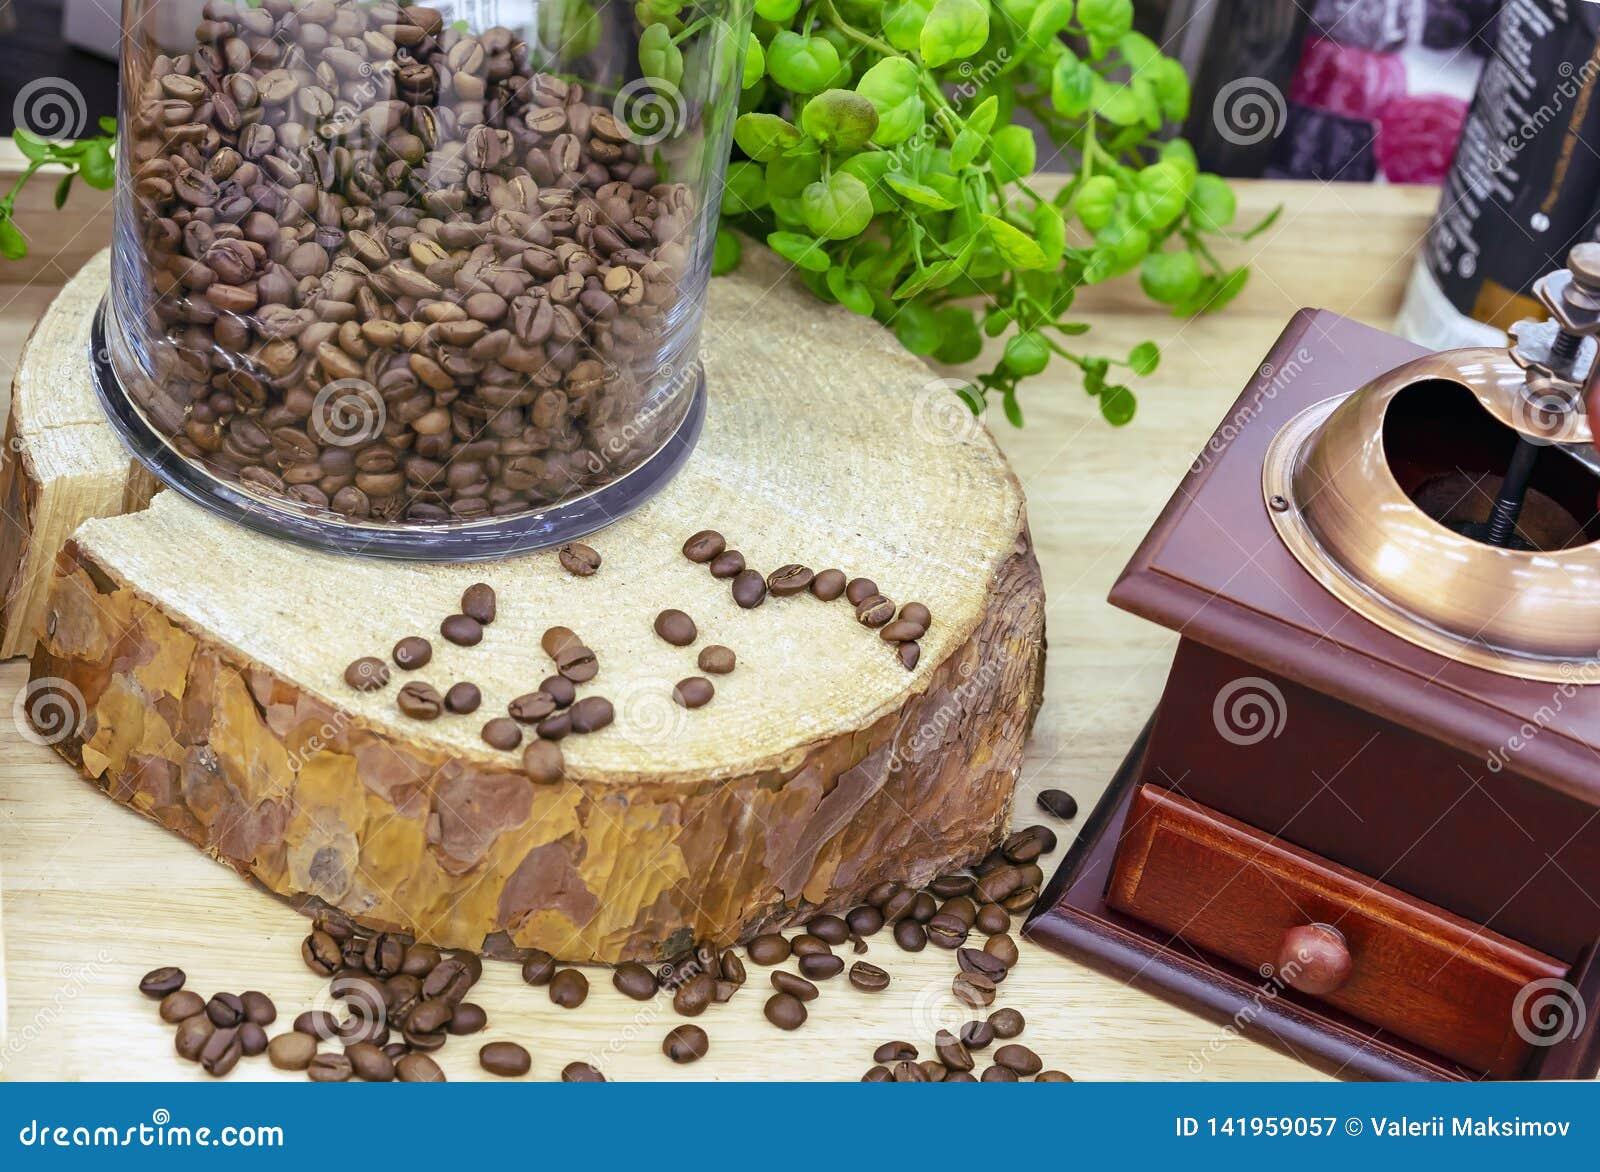 Koffiebonen op de zaagbesnoeiing van de boom naast de koffiemolen